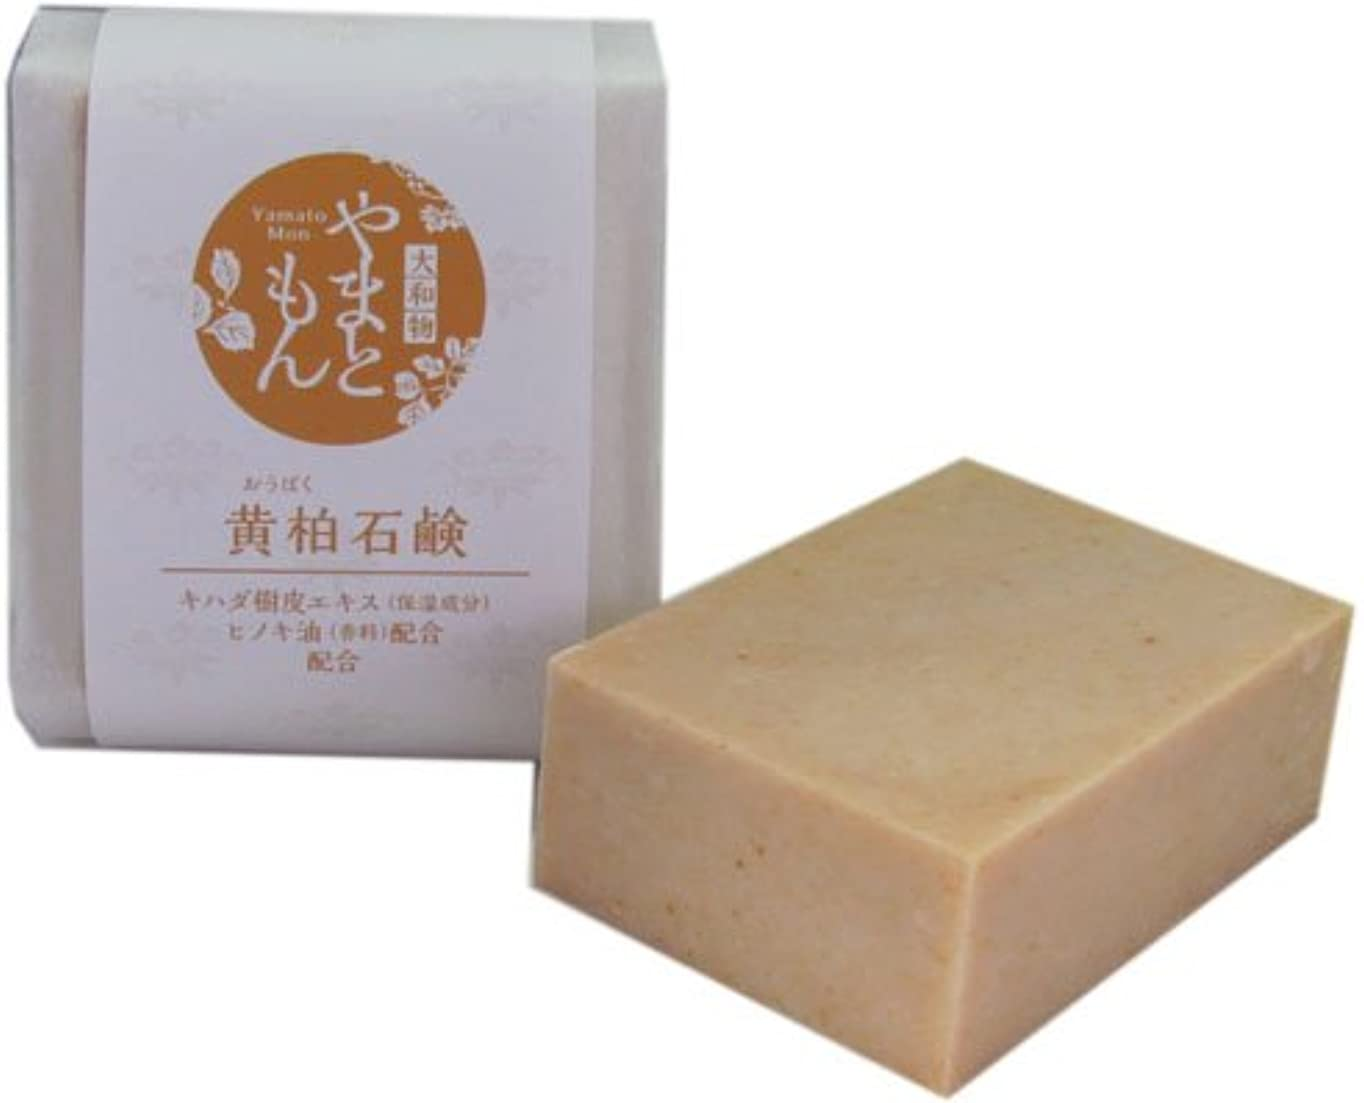 接尾辞古風な面奈良産和漢生薬エキス使用やまともん化粧品 黄柏石鹸(おうばくせっけん)